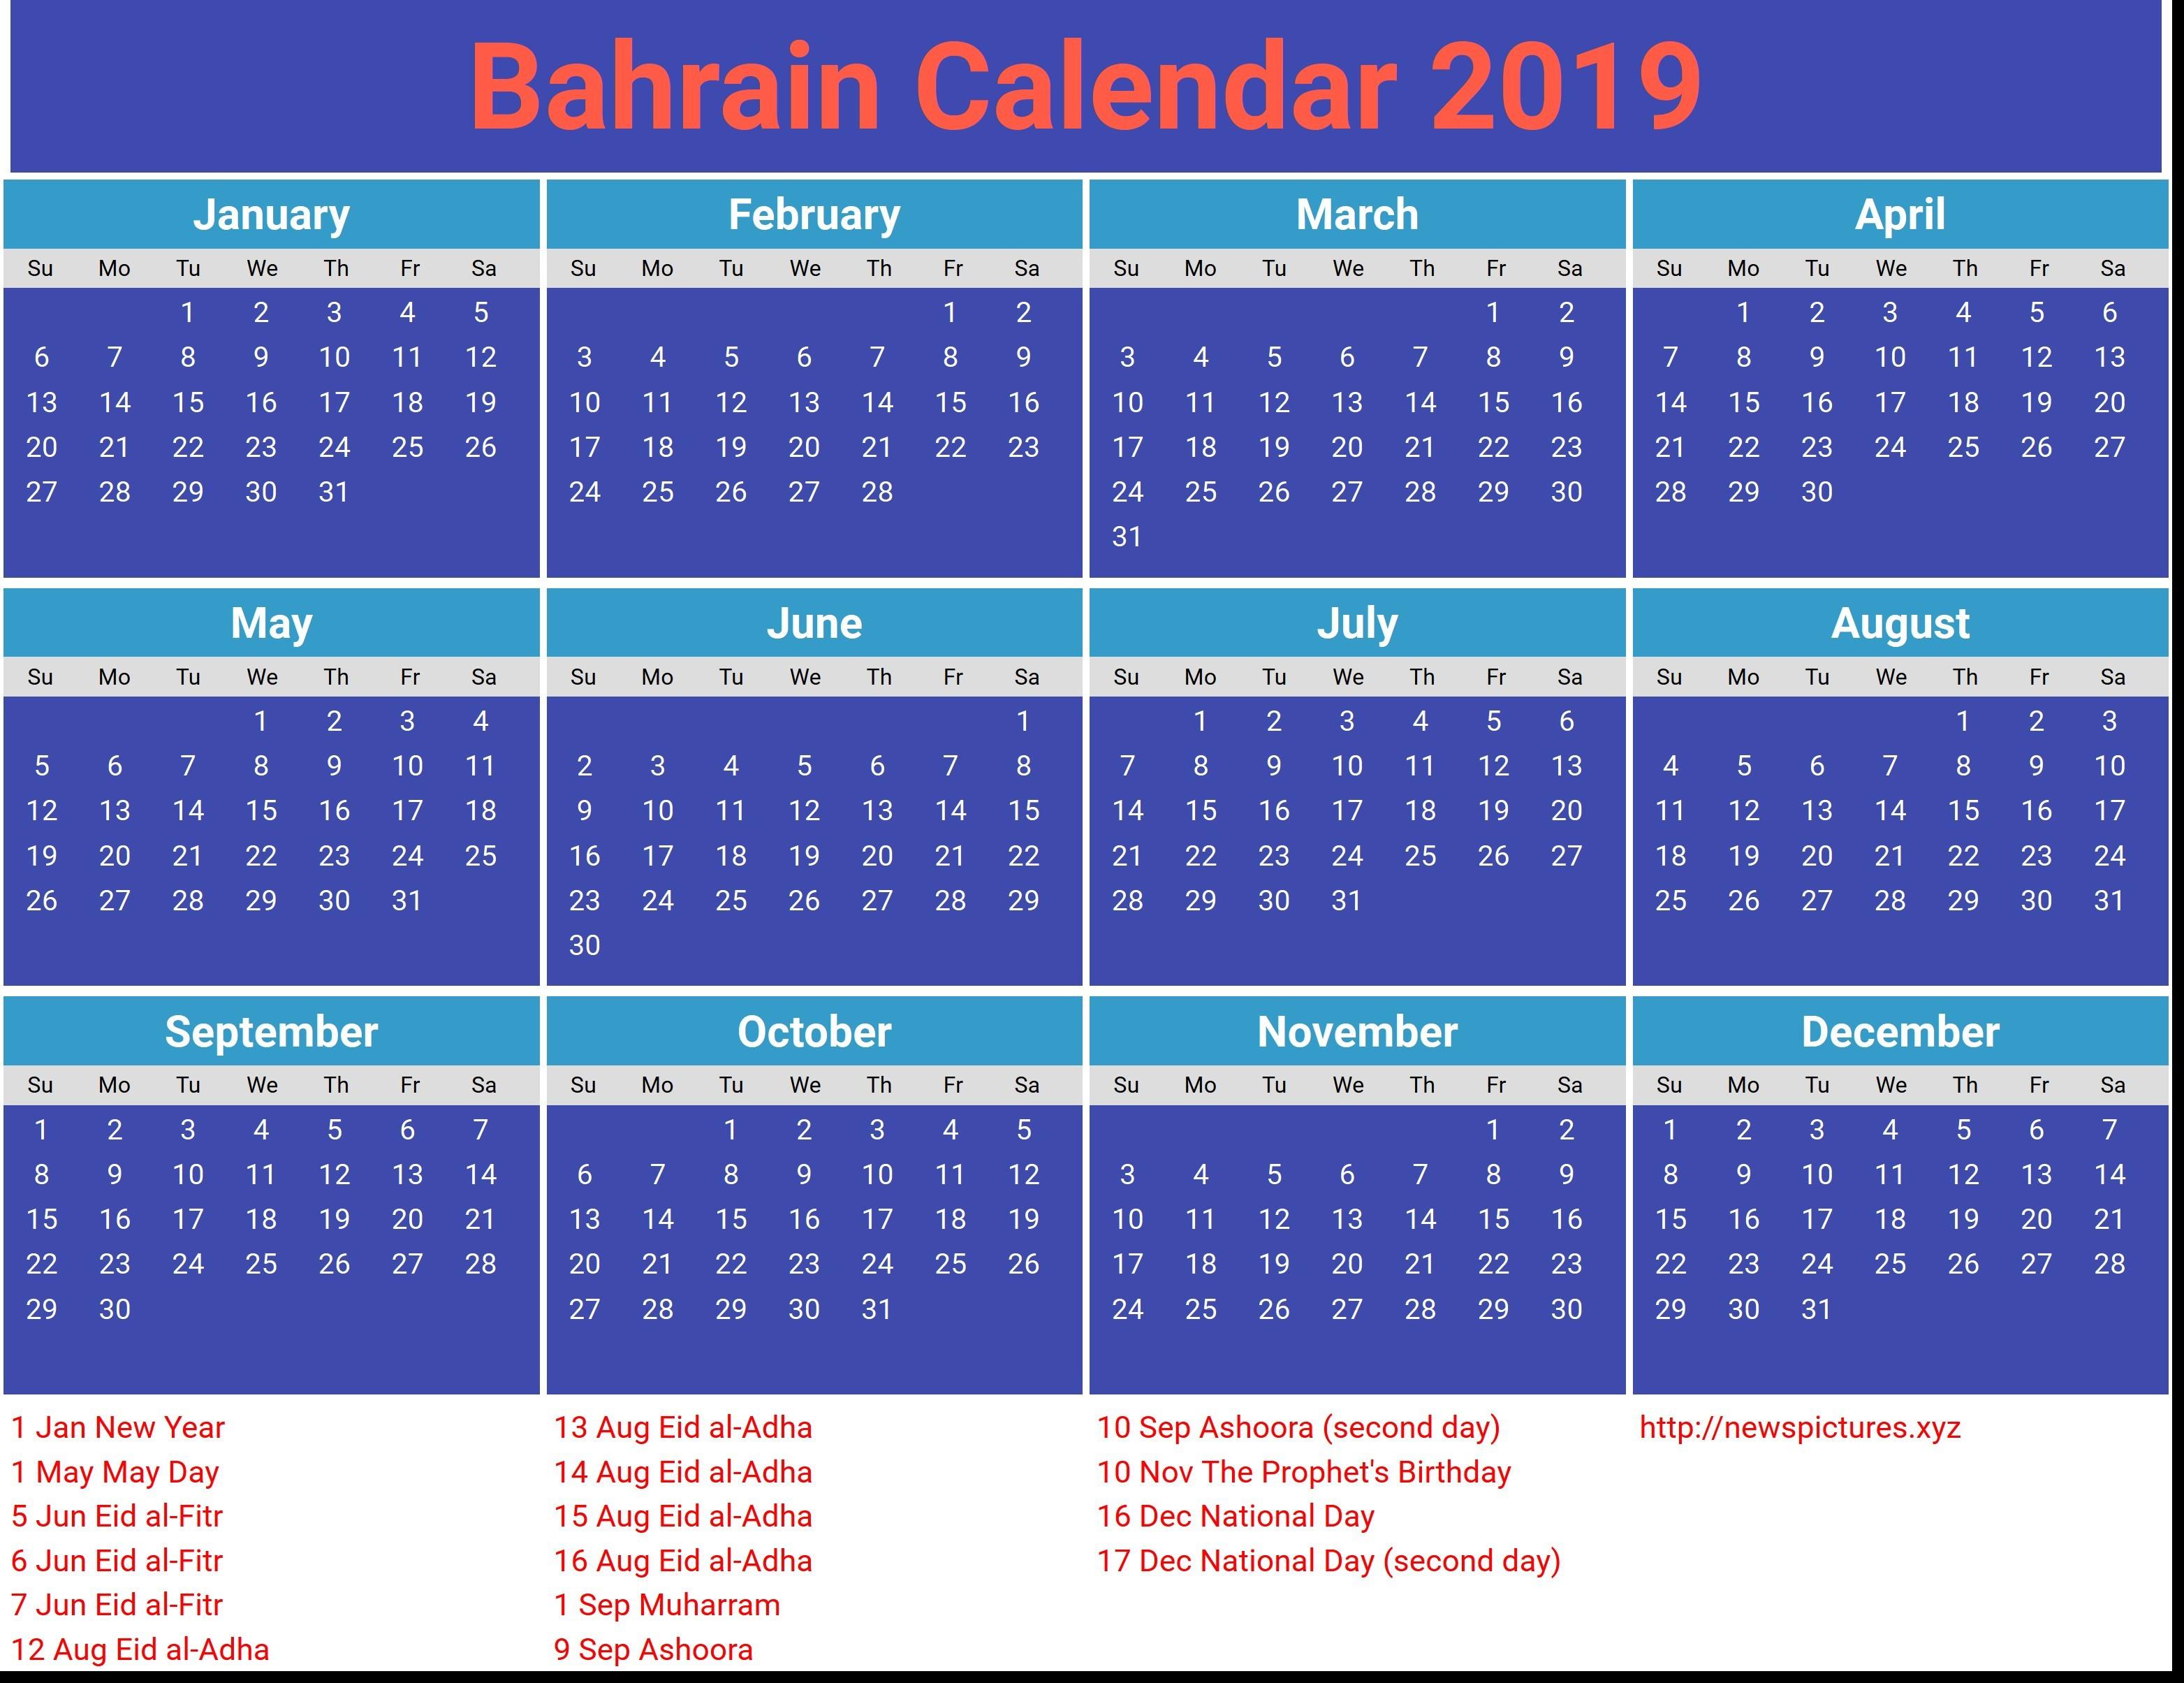 March Calendar 2019 Más Actual School Calendar 2019 Saudi Arabia Awesome Bahrain Calendar 2019 with Of March Calendar 2019 Actual Gujarati Calendar 2019 Printable Printed for No Cost – Calendaro